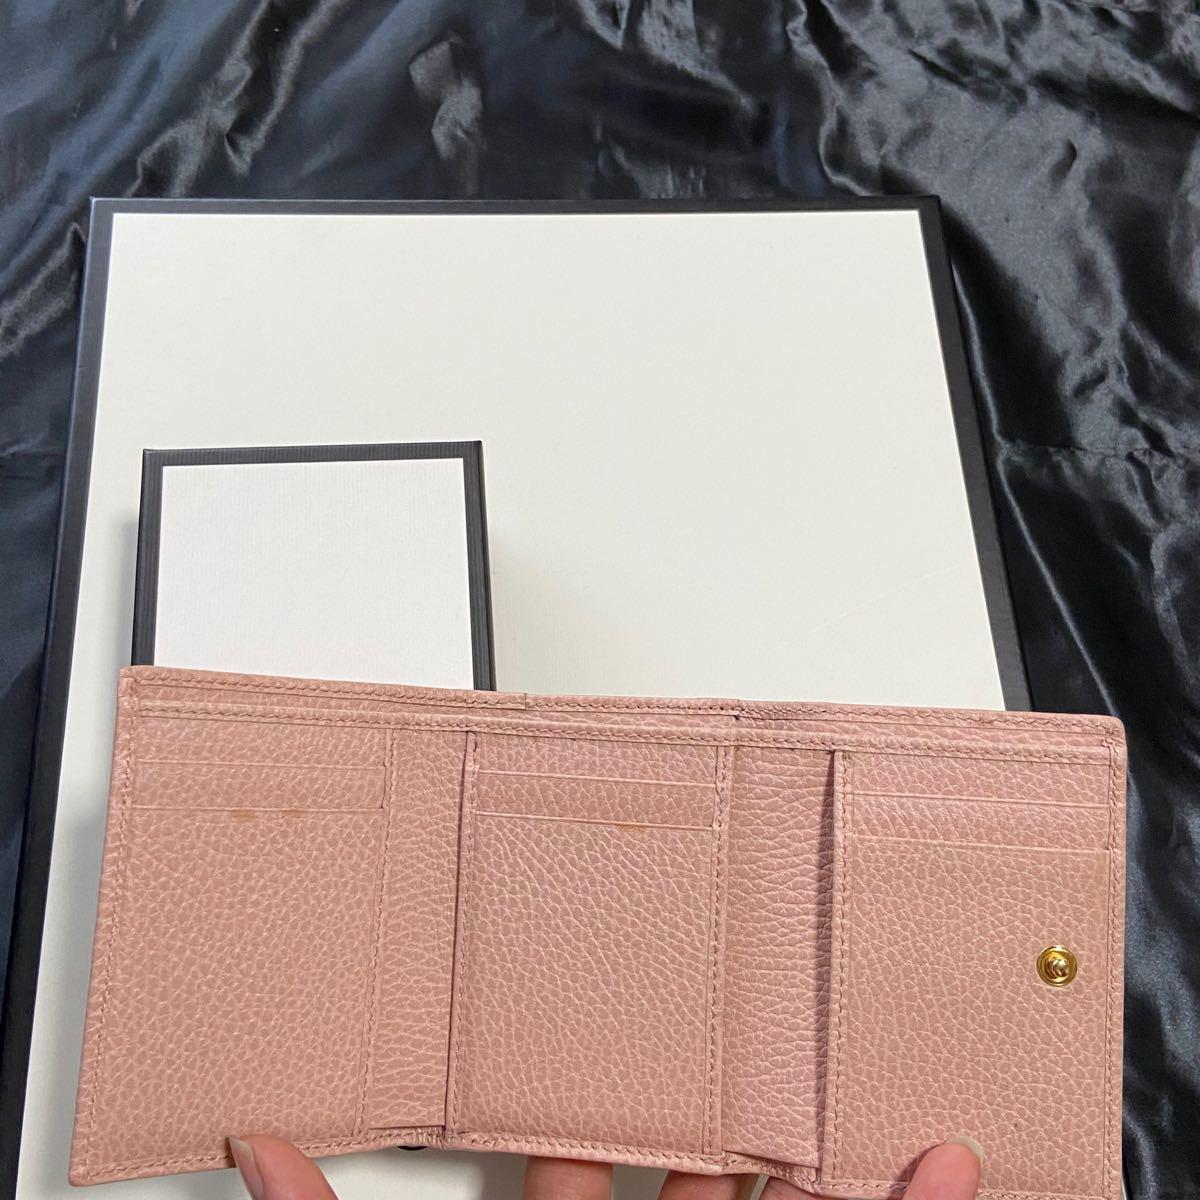 GUCCI グッチ 二つ折り財布 マーモント  コンパクトウォレット ピンク